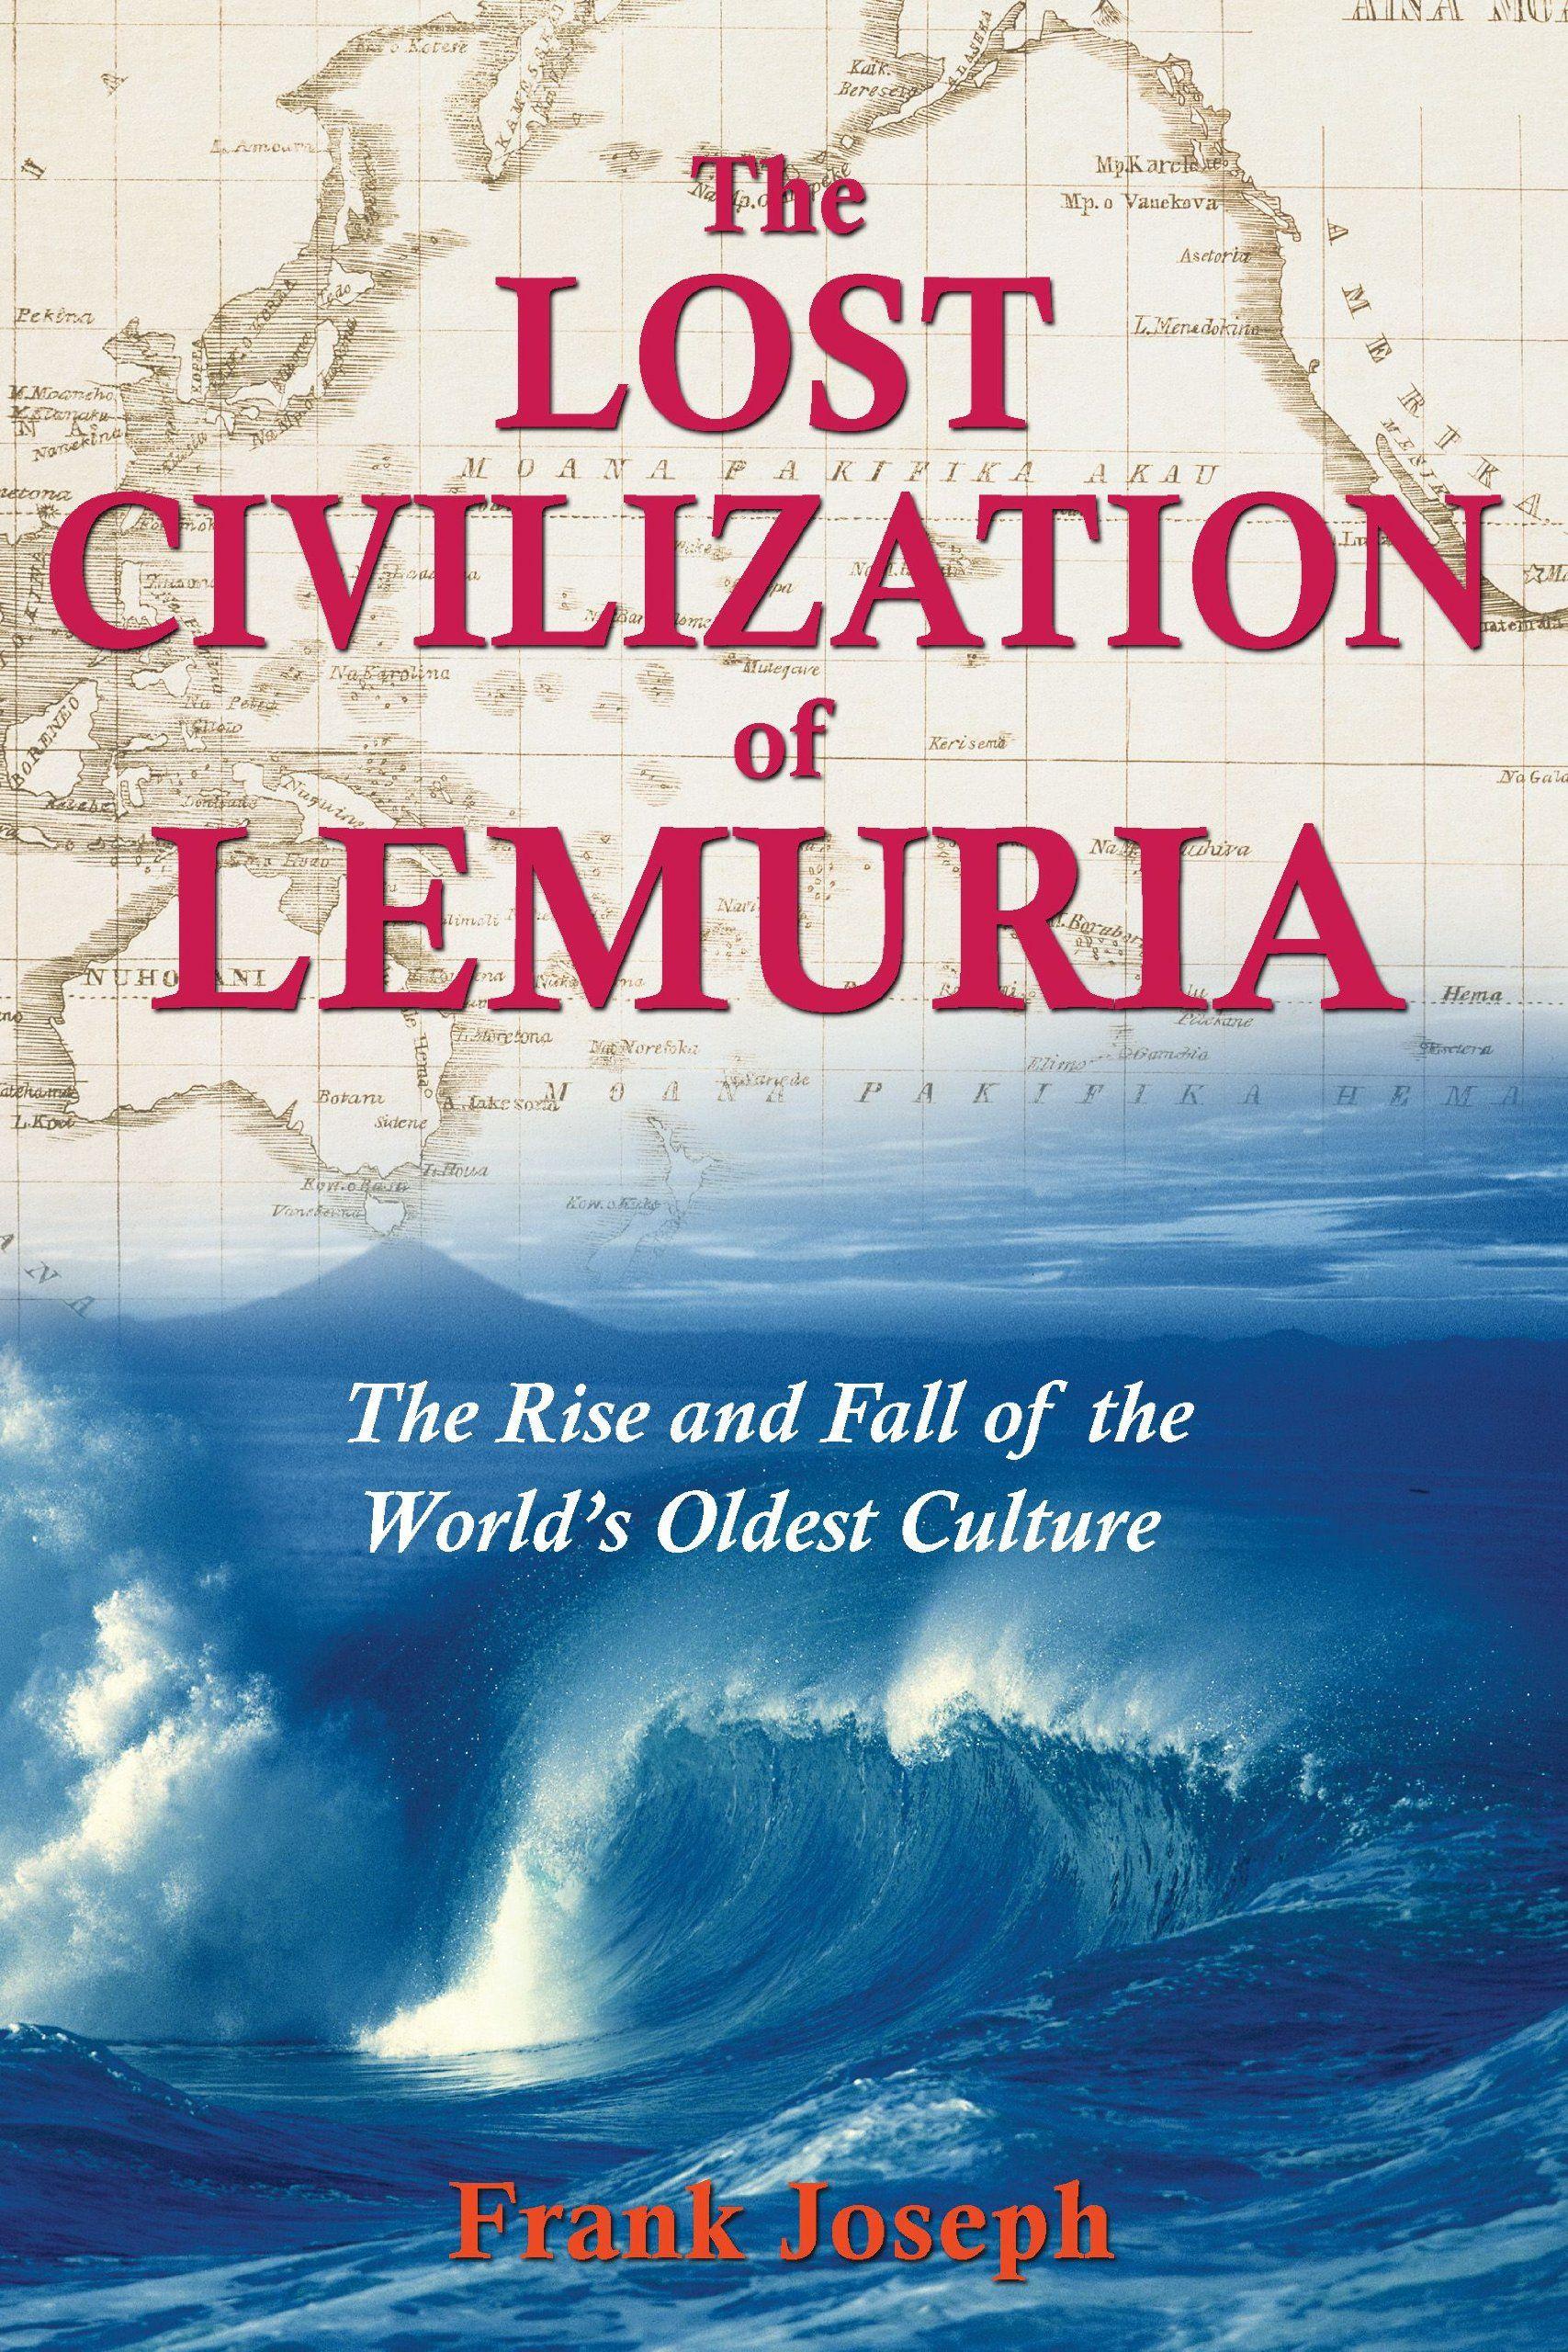 The Lost Civilization Of Lemuria Books Civilization Books To Read